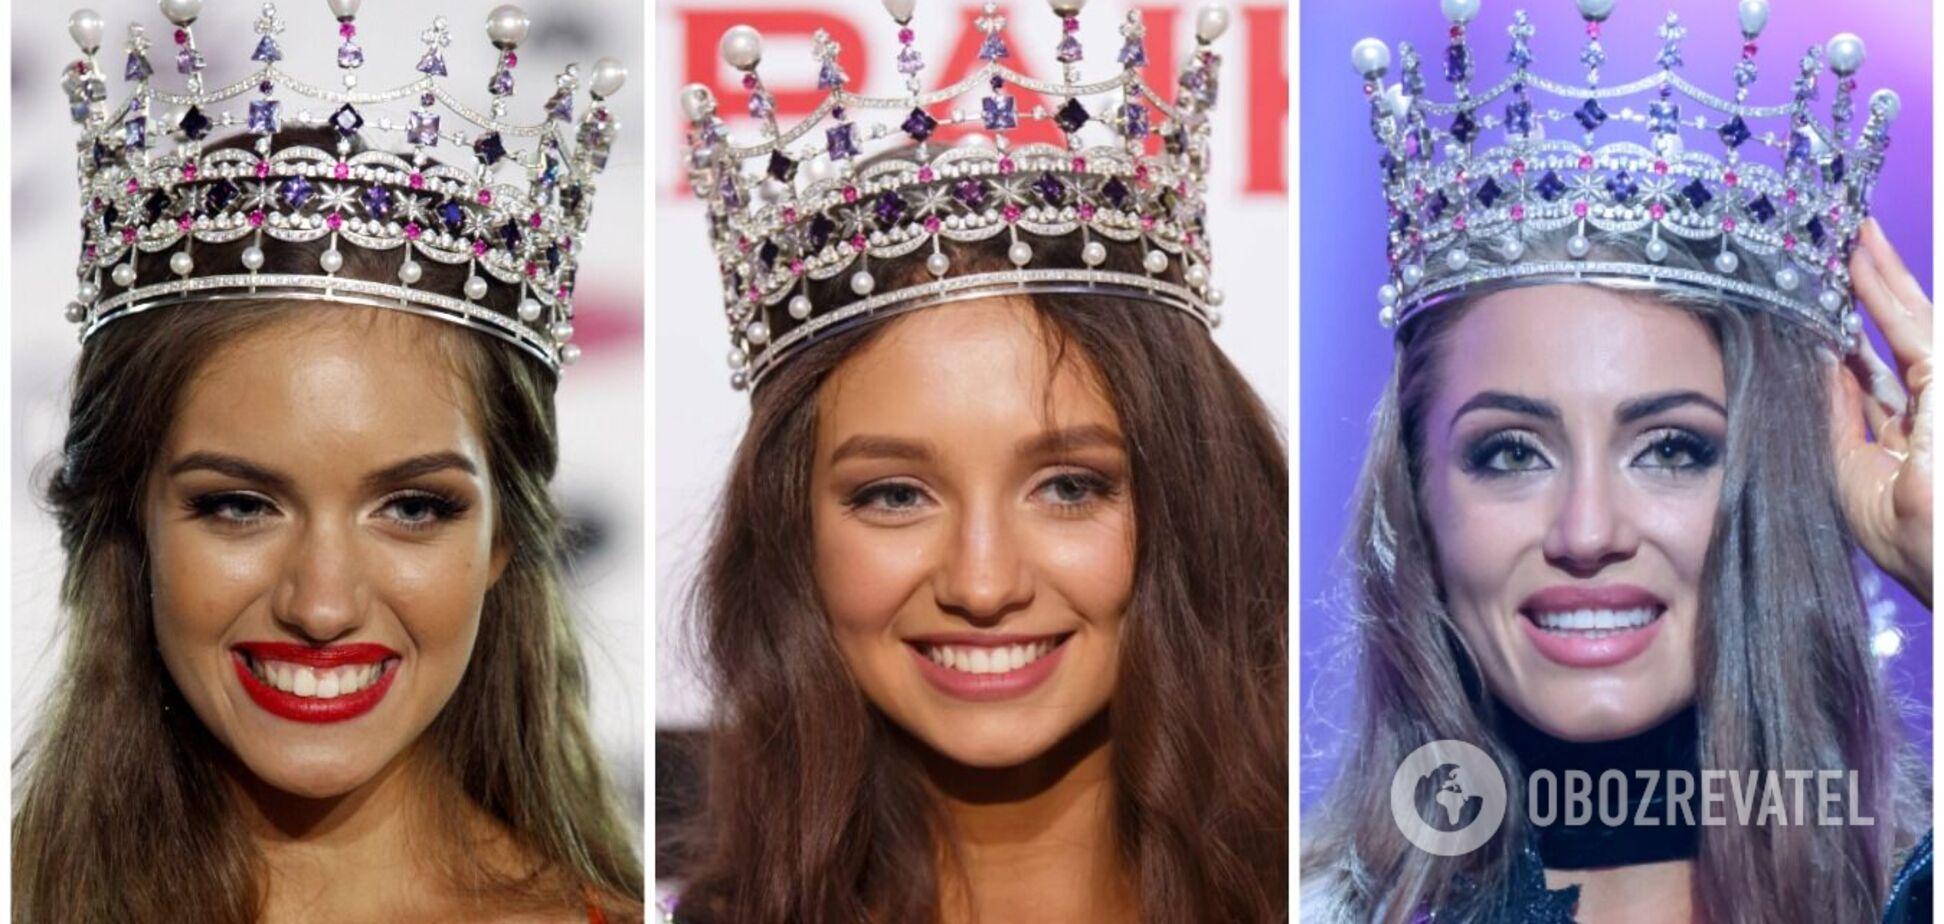 В жизни повезло не всем: как сложились судьбы победительниц 'Мисс Украина'. Фото